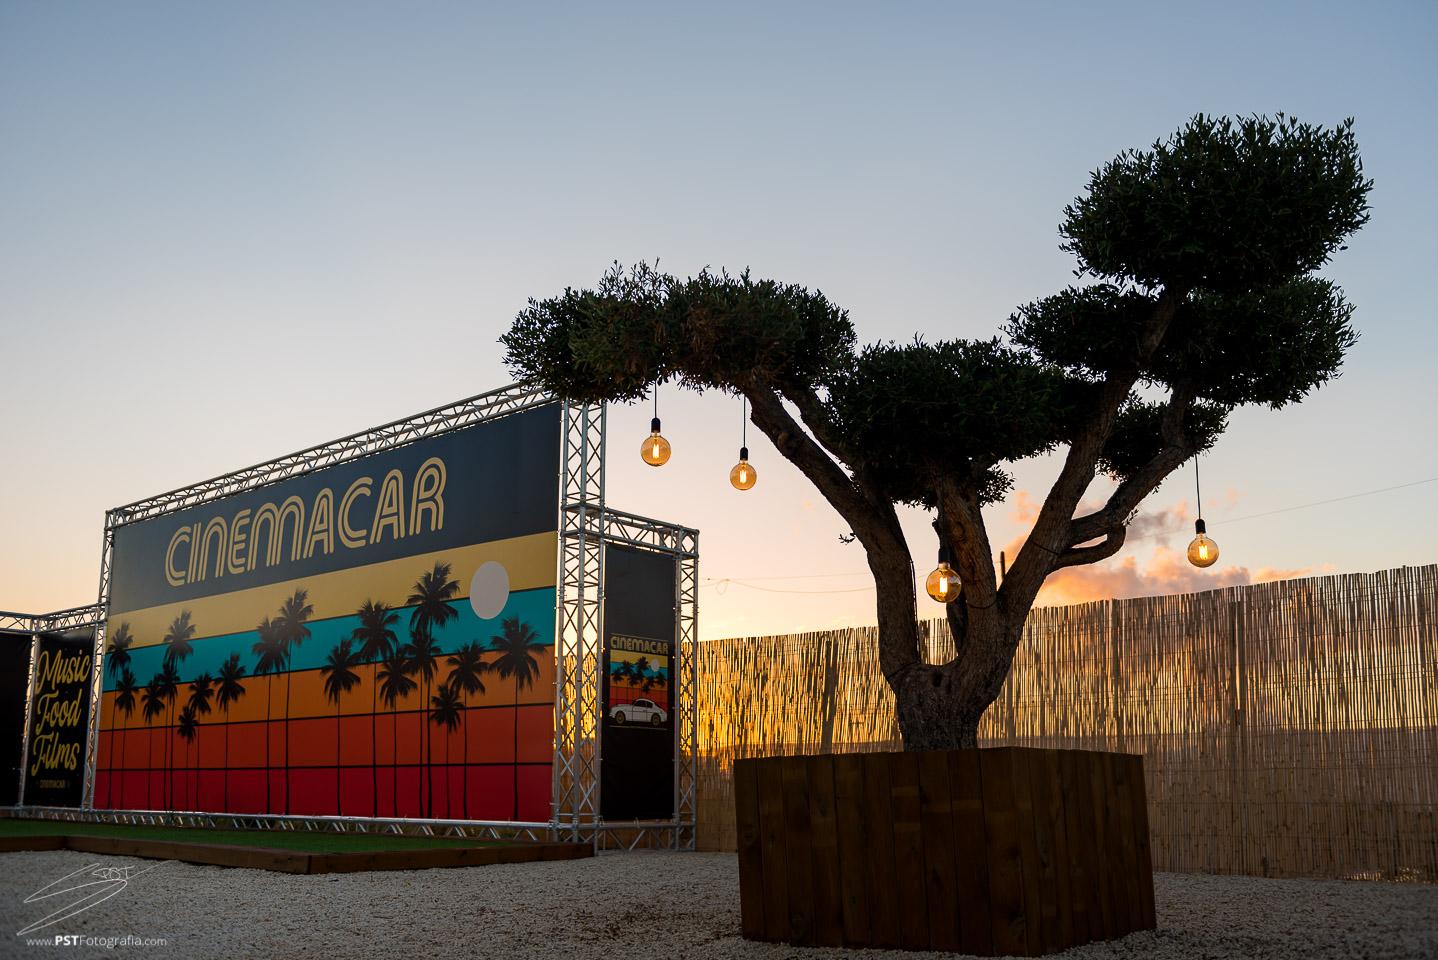 Atardecer en Cinemacar Alicante